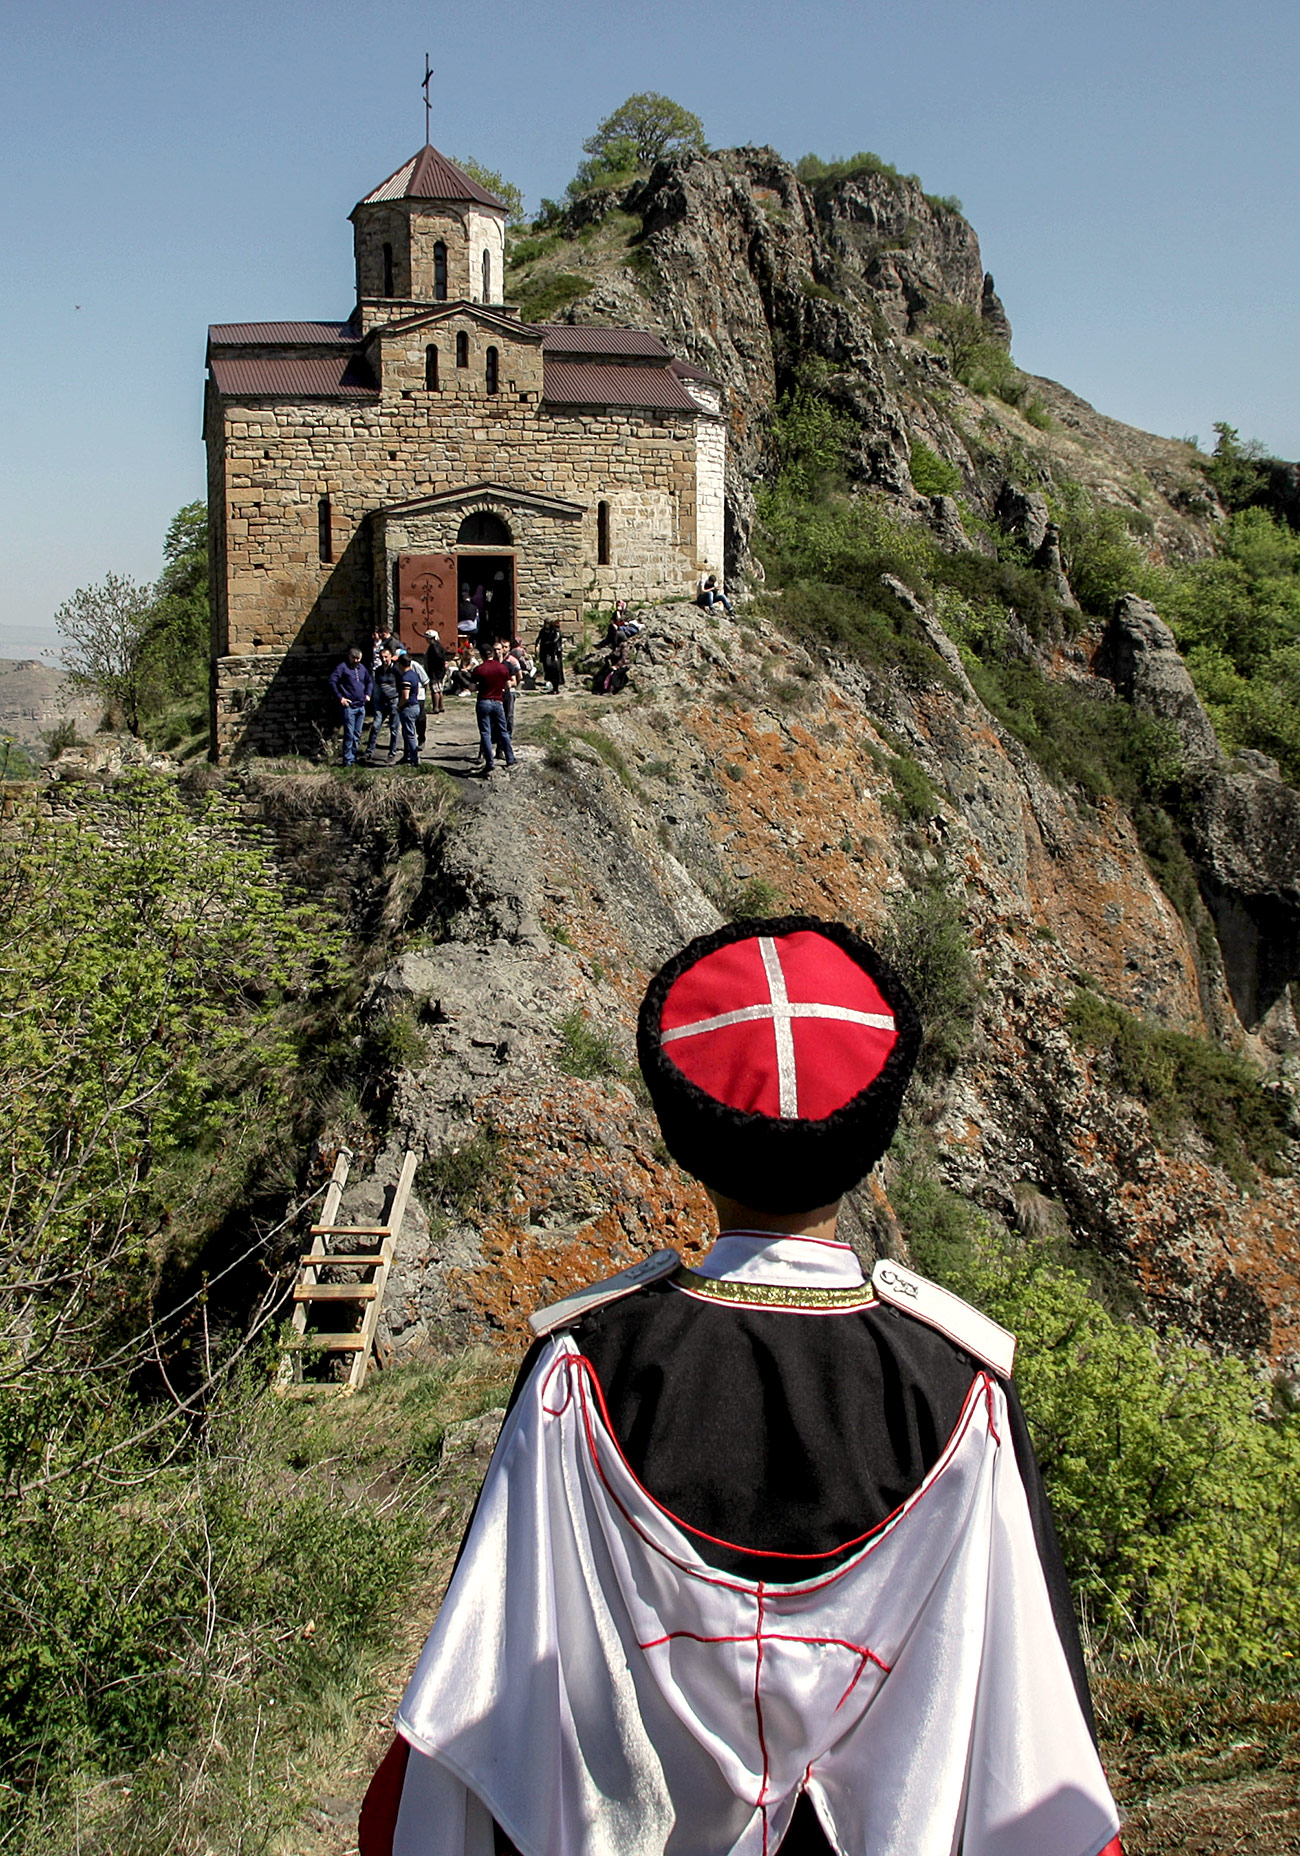 Turisti v Šoaninski cerkvi. Vir: Denis Abramov / RIA Novosti